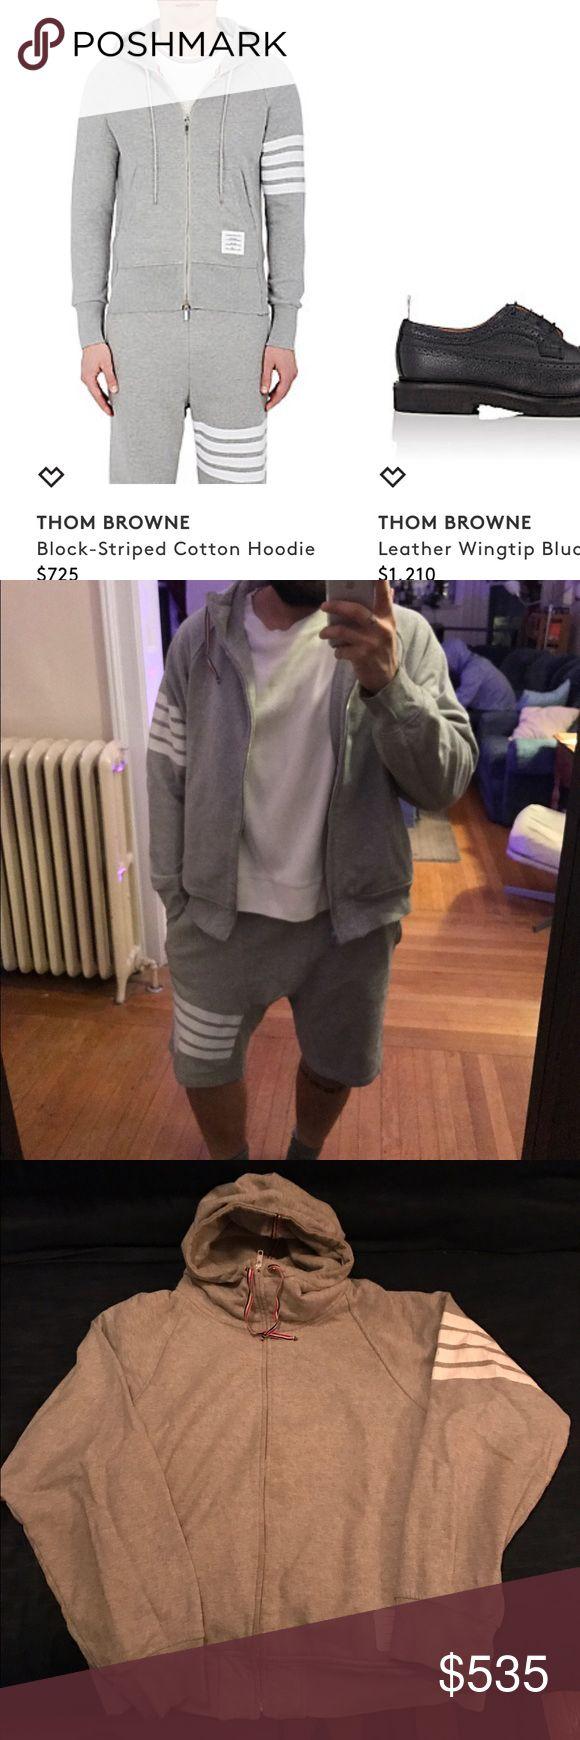 Thom Browne zip hoodie Thom Browne Zip Front Hoodie Size 4 gently worn and laundered $525 Thom Browne Sweaters